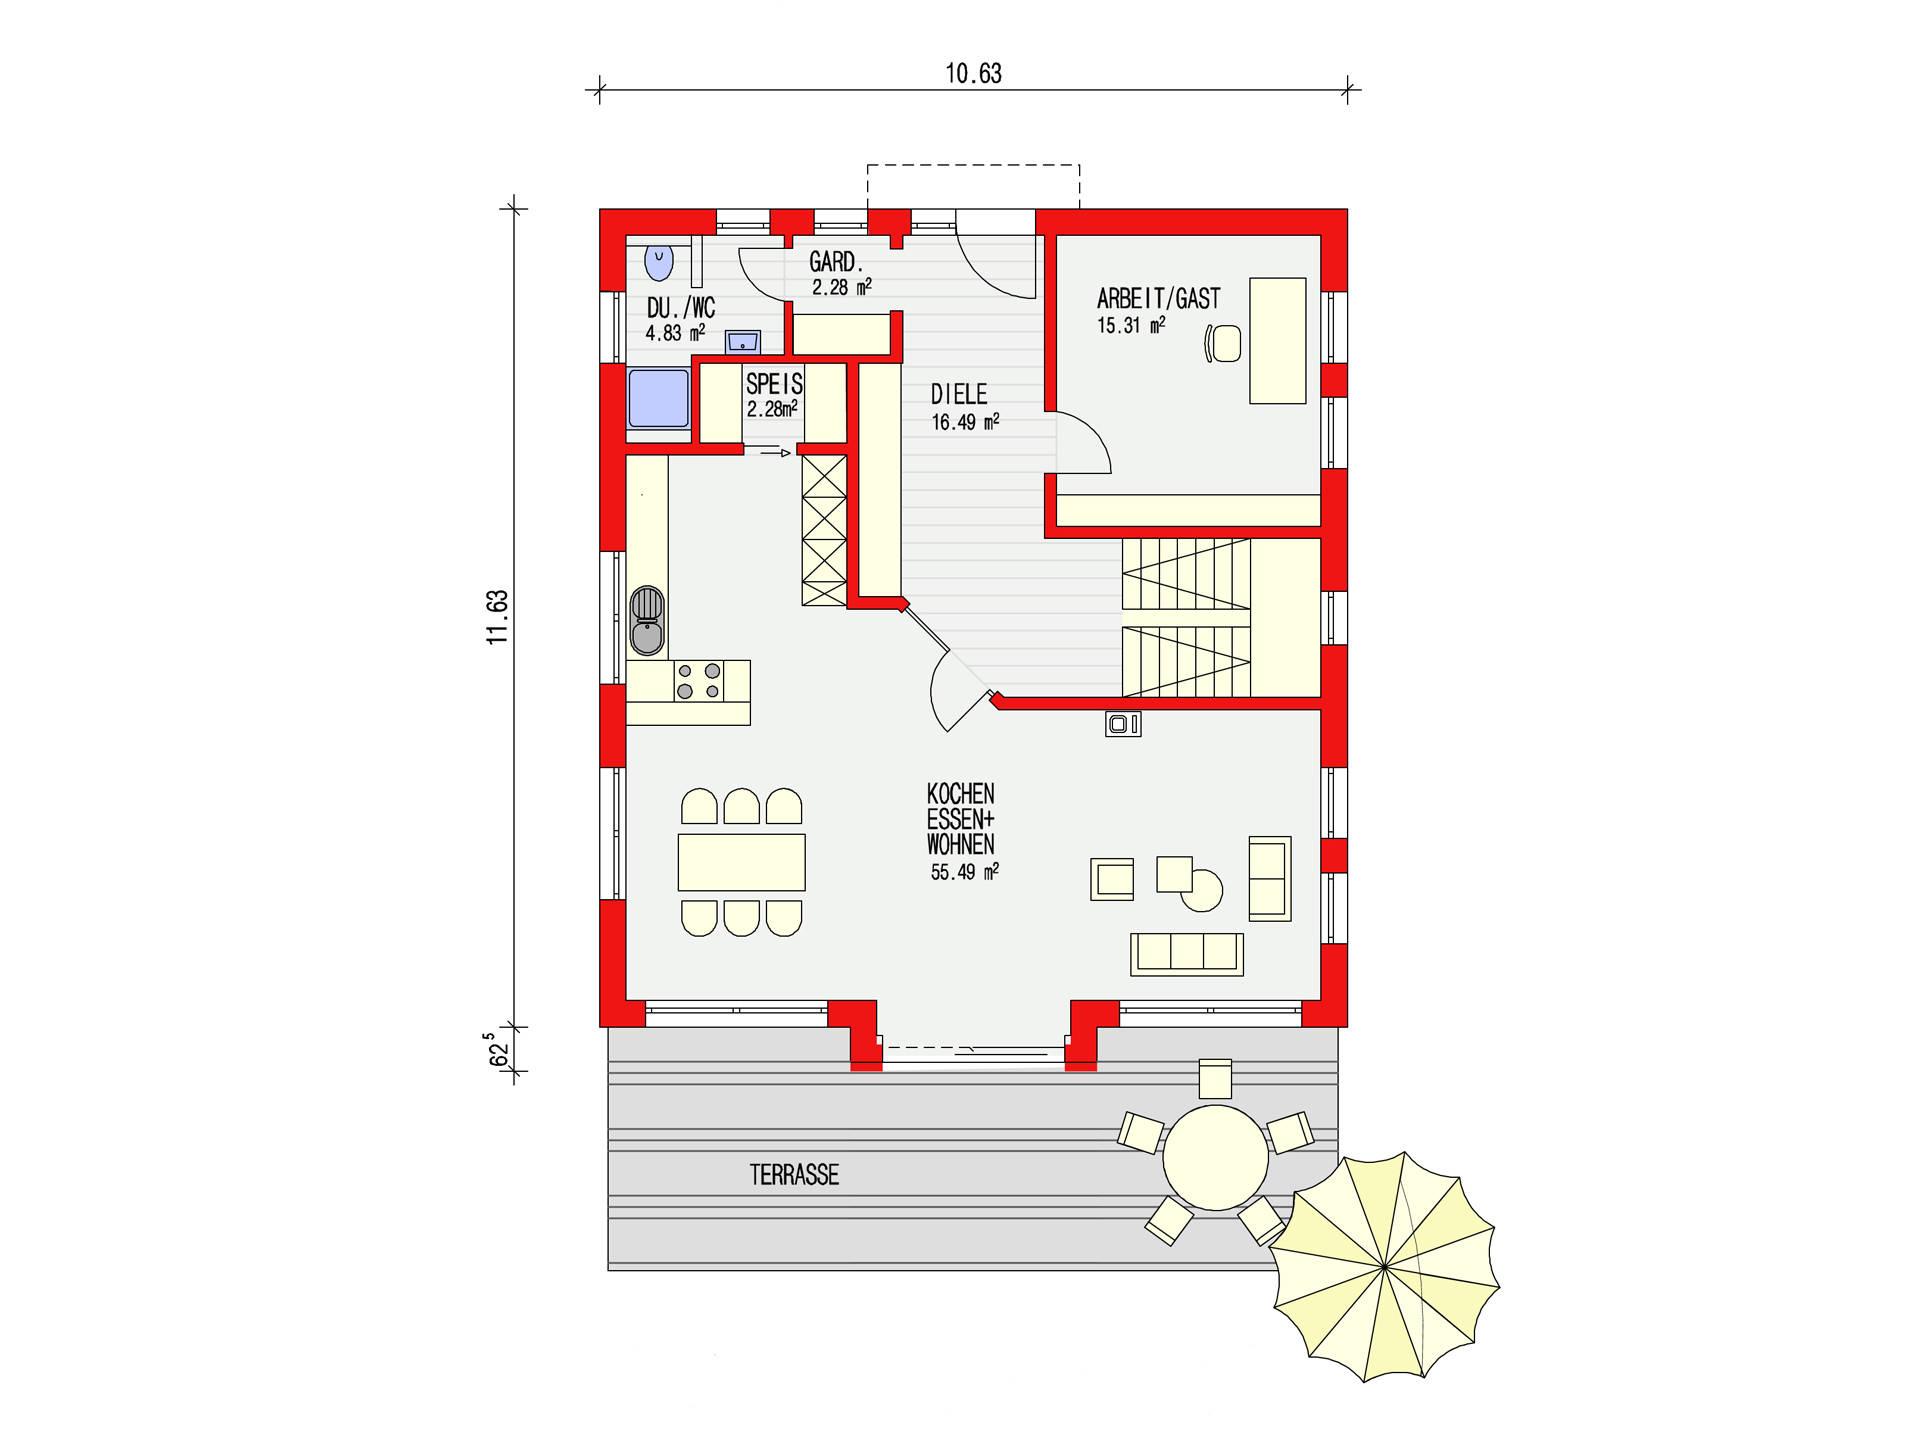 ambiente 186 einfamilienhaus d rr haus. Black Bedroom Furniture Sets. Home Design Ideas